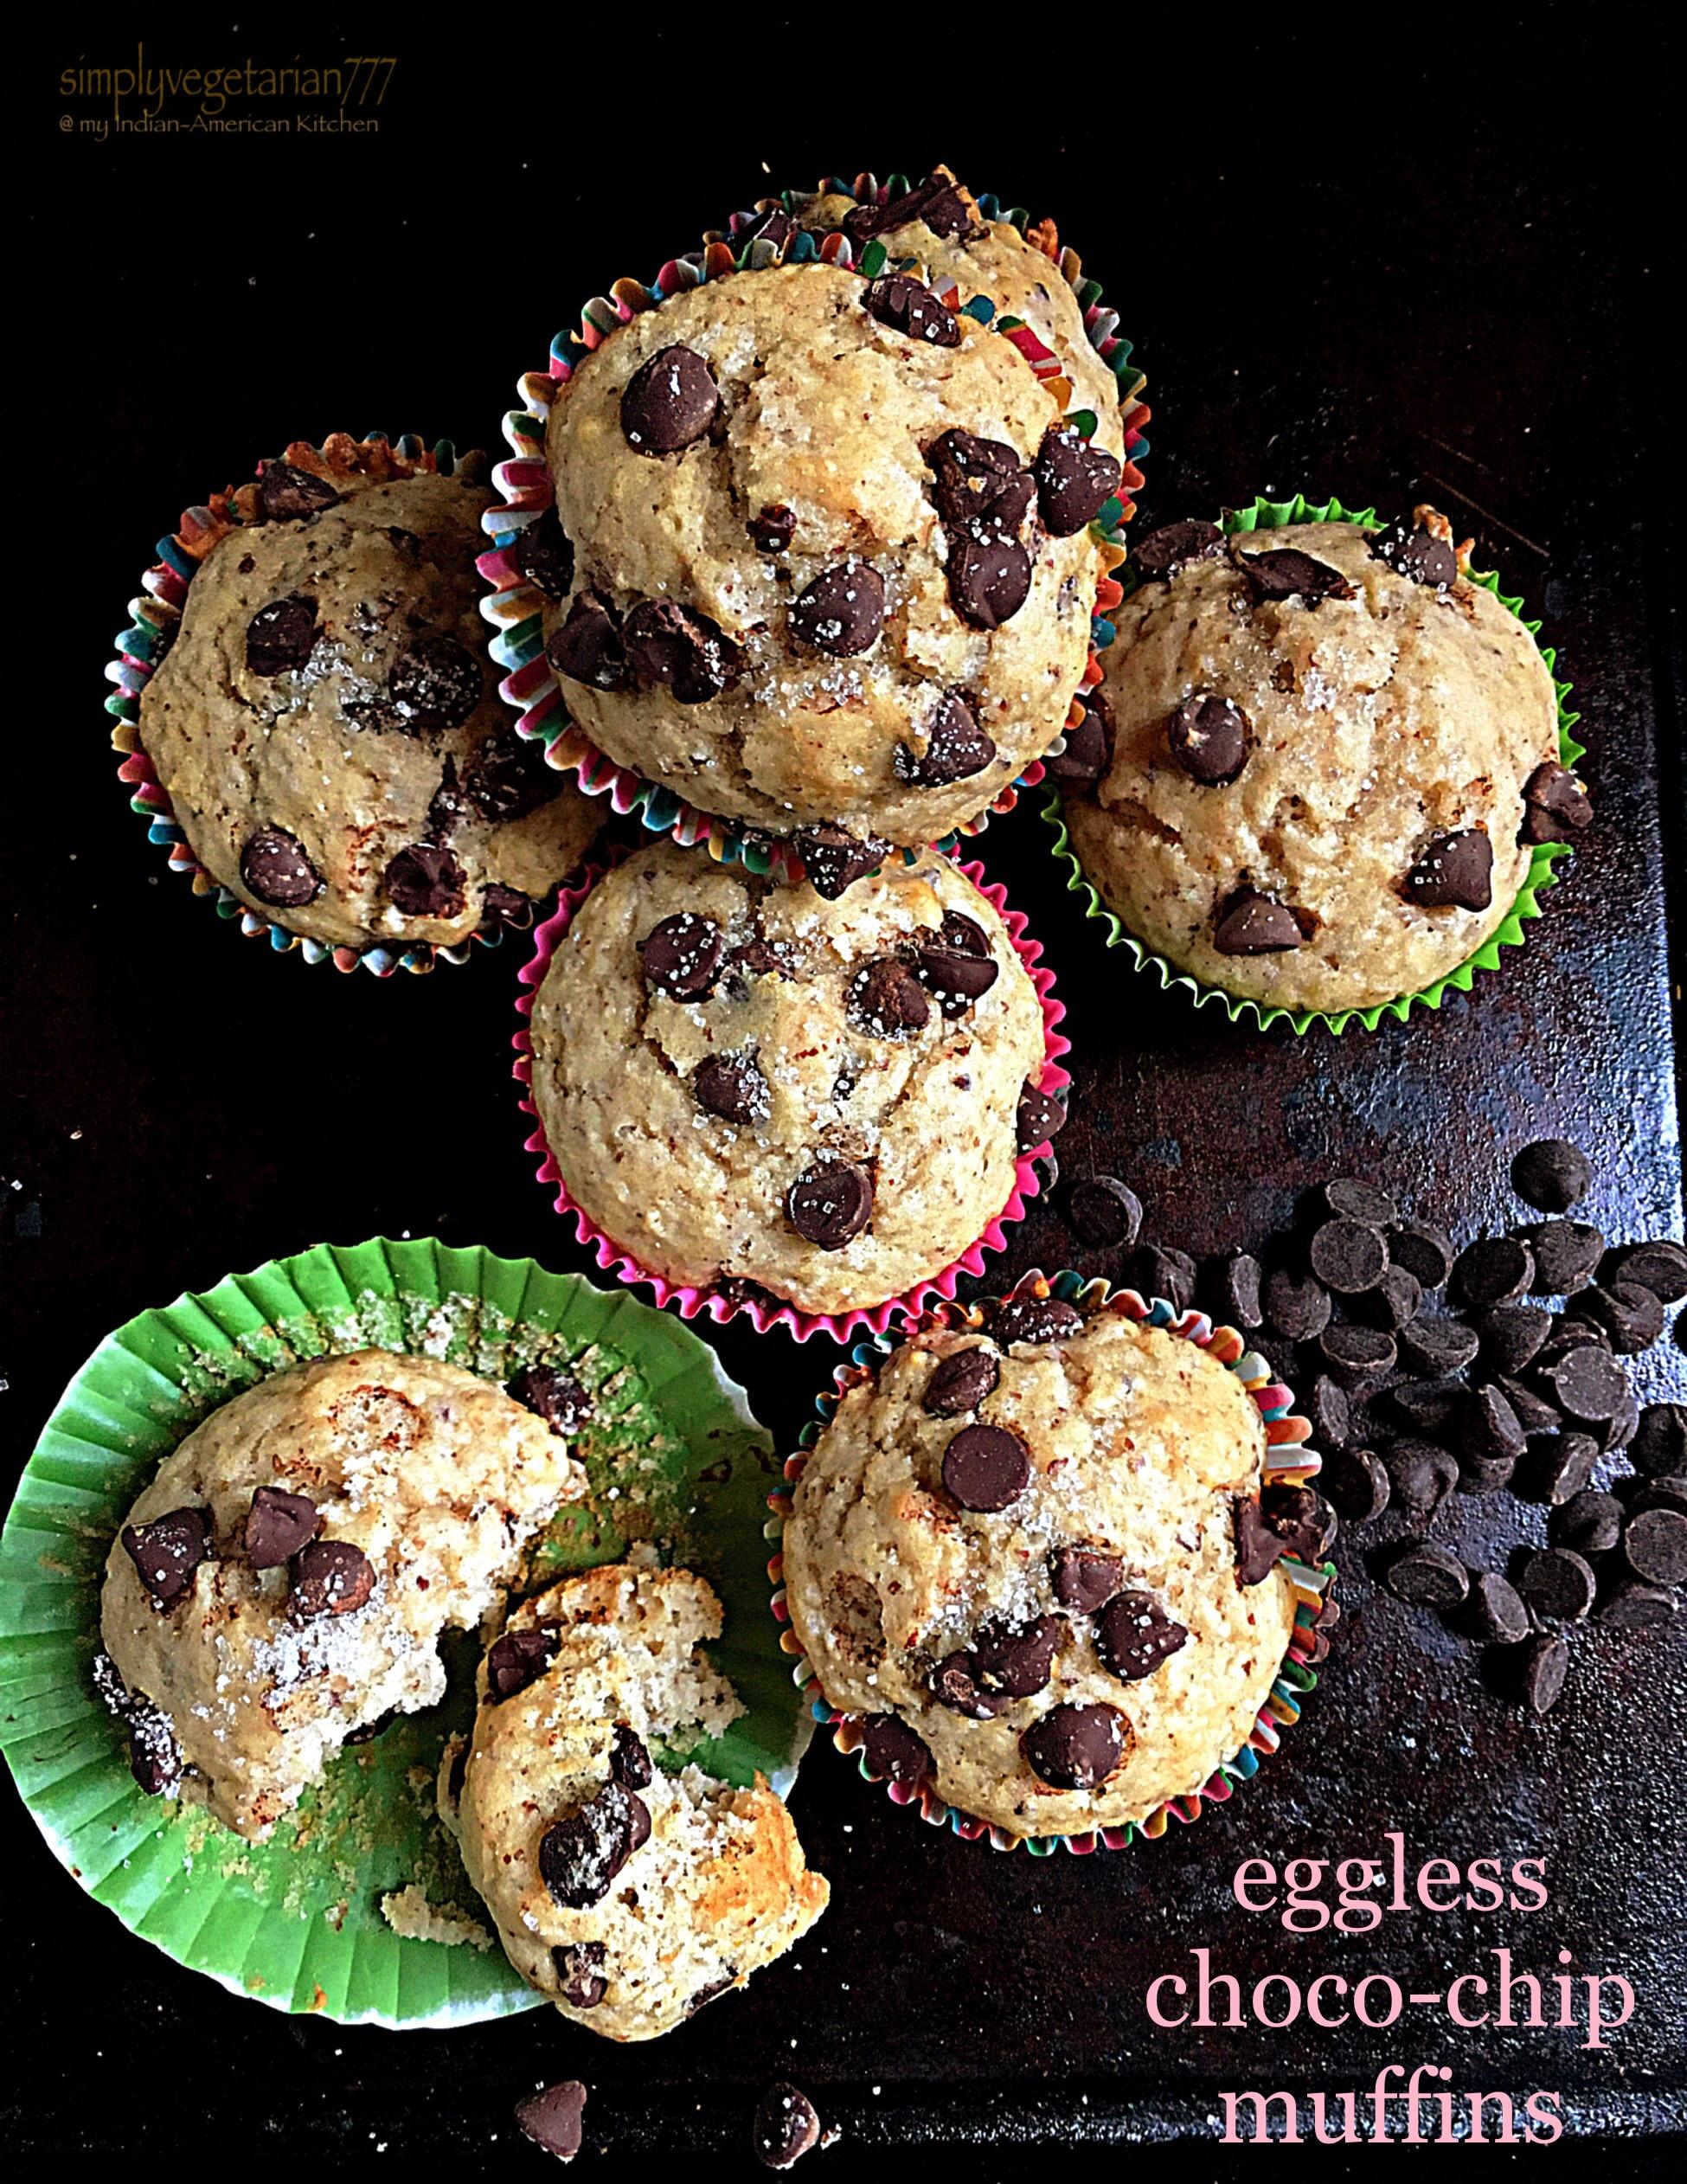 Eggless Choco-Chip Muffins